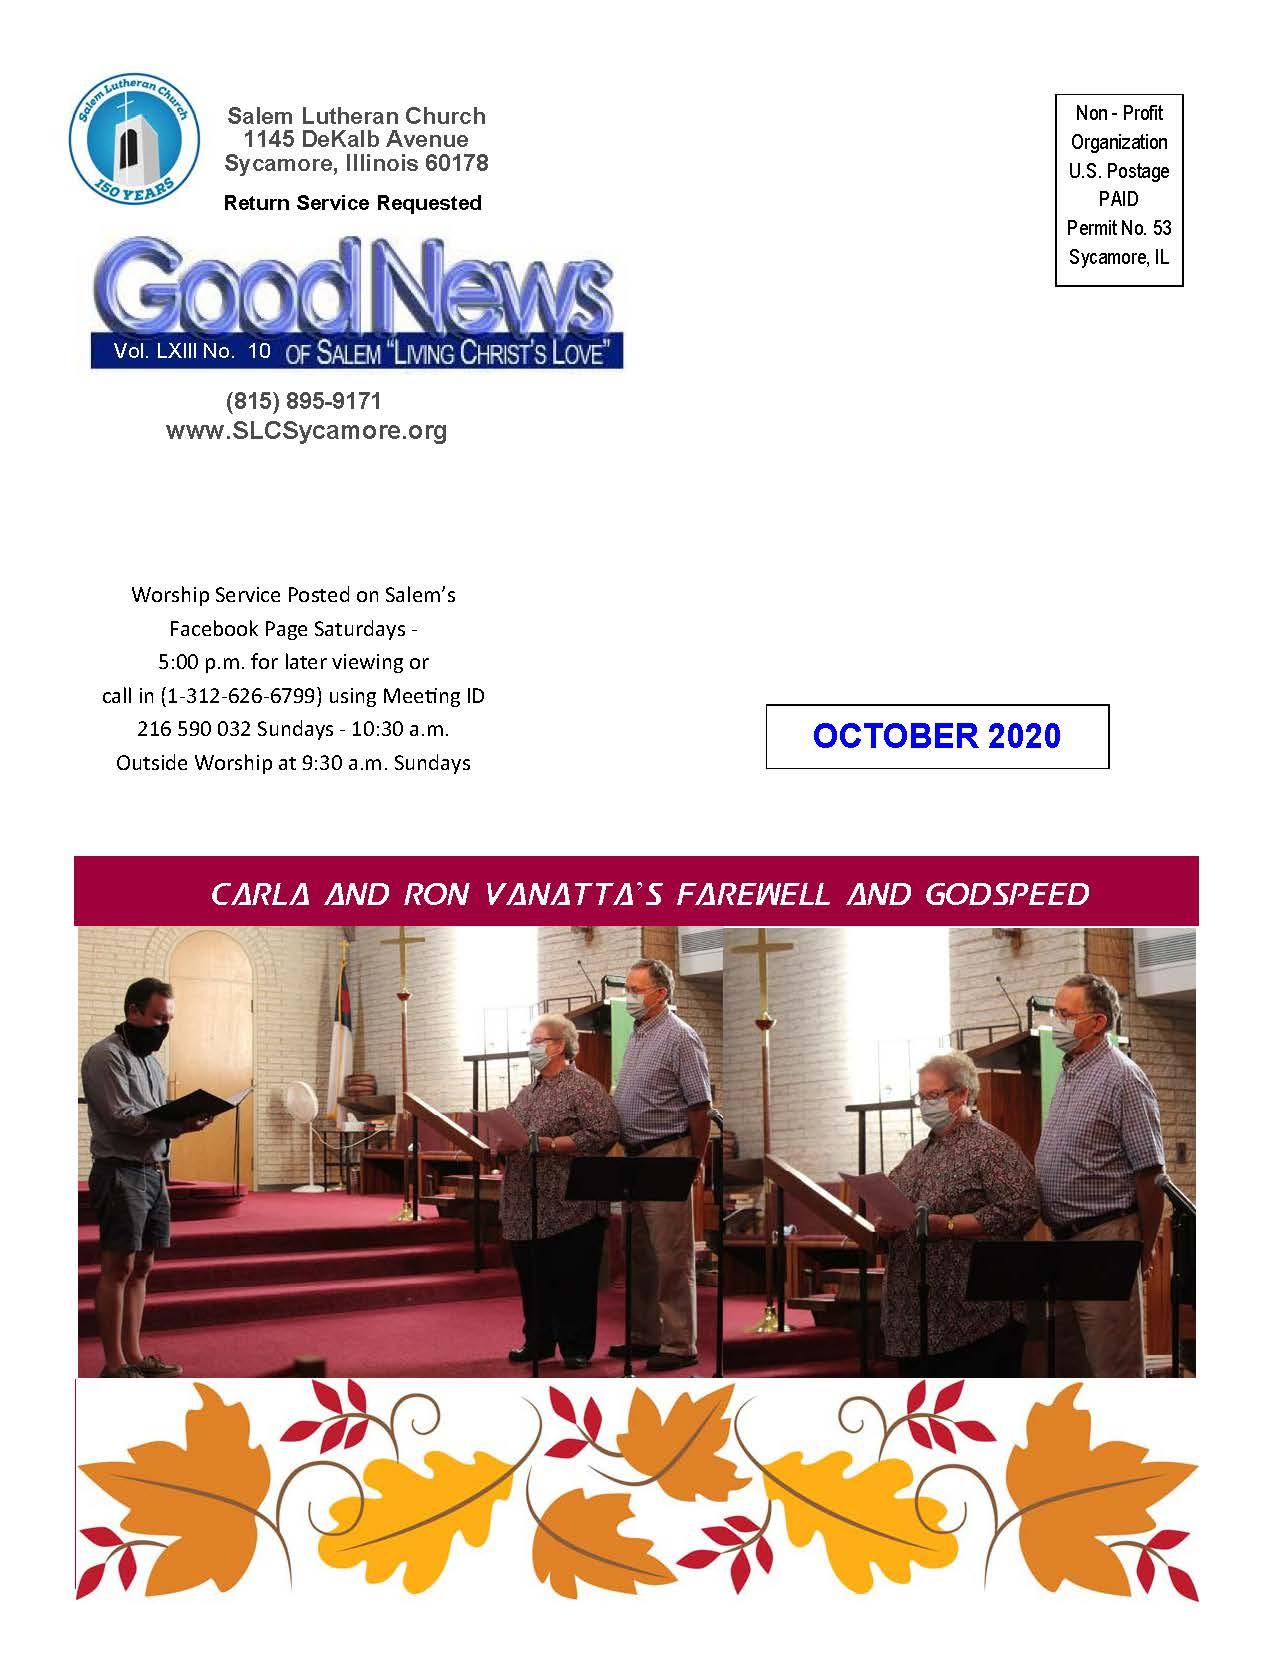 October 2020 Newsletter Cover